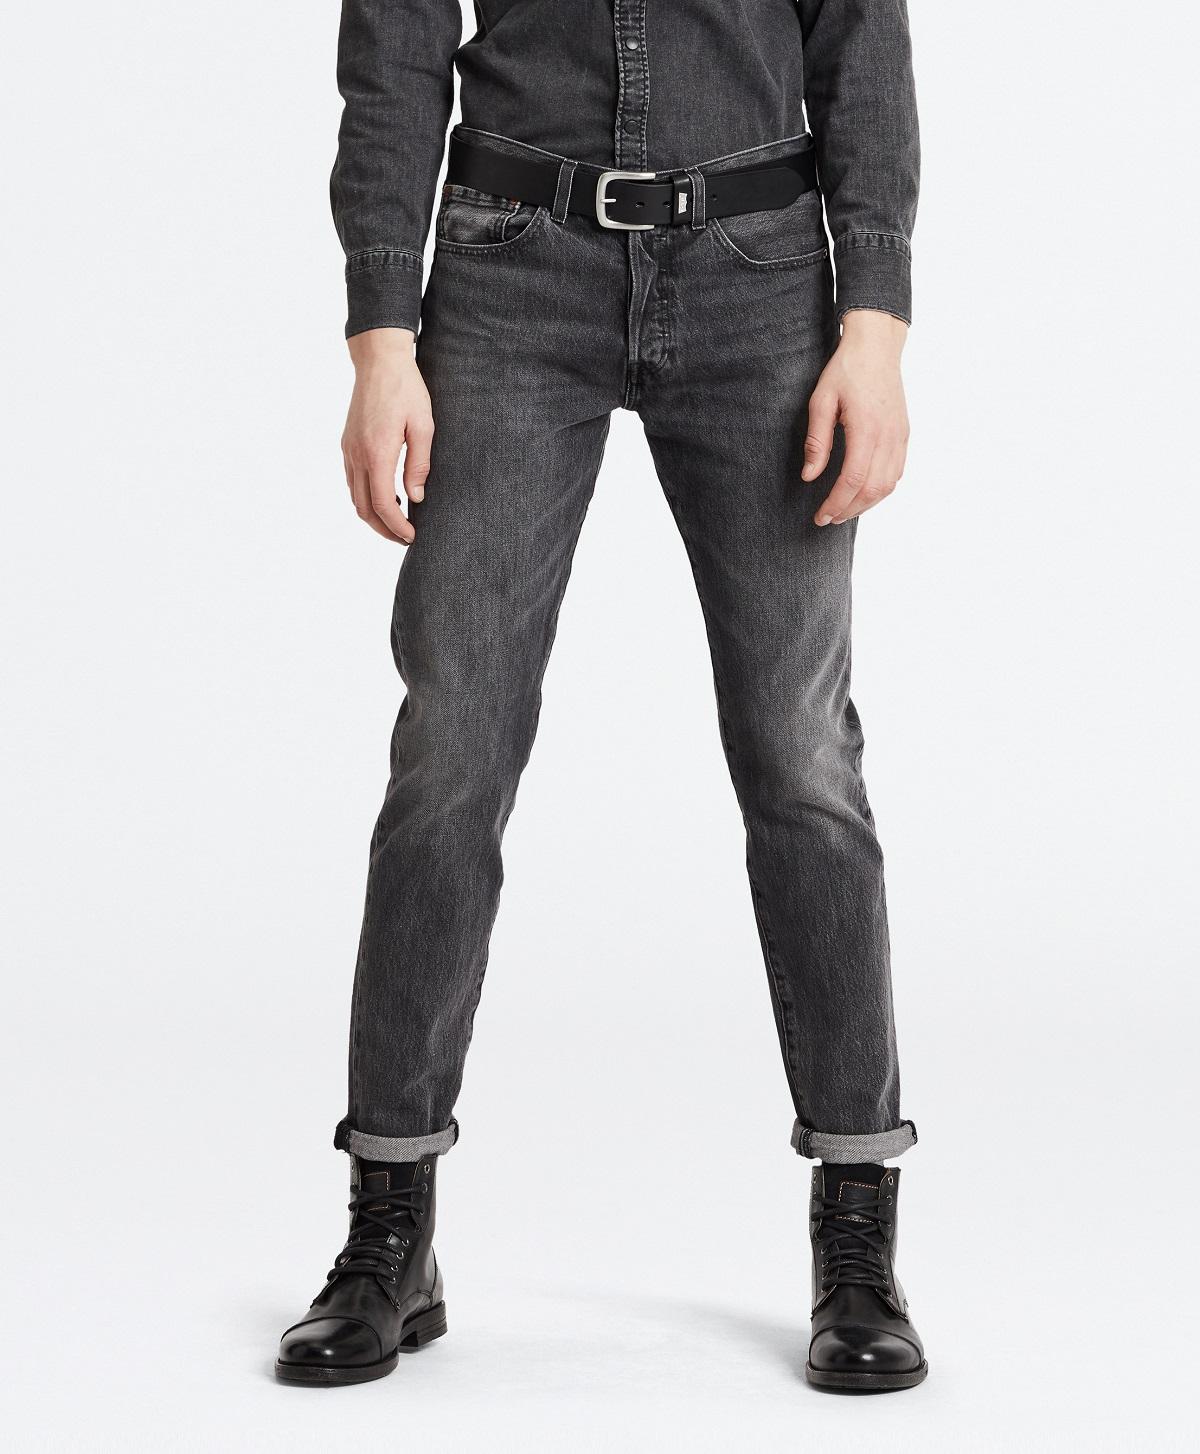 Levis pánské džíny 501® SLIM TAPER 28894-0169 Černá W36/L32